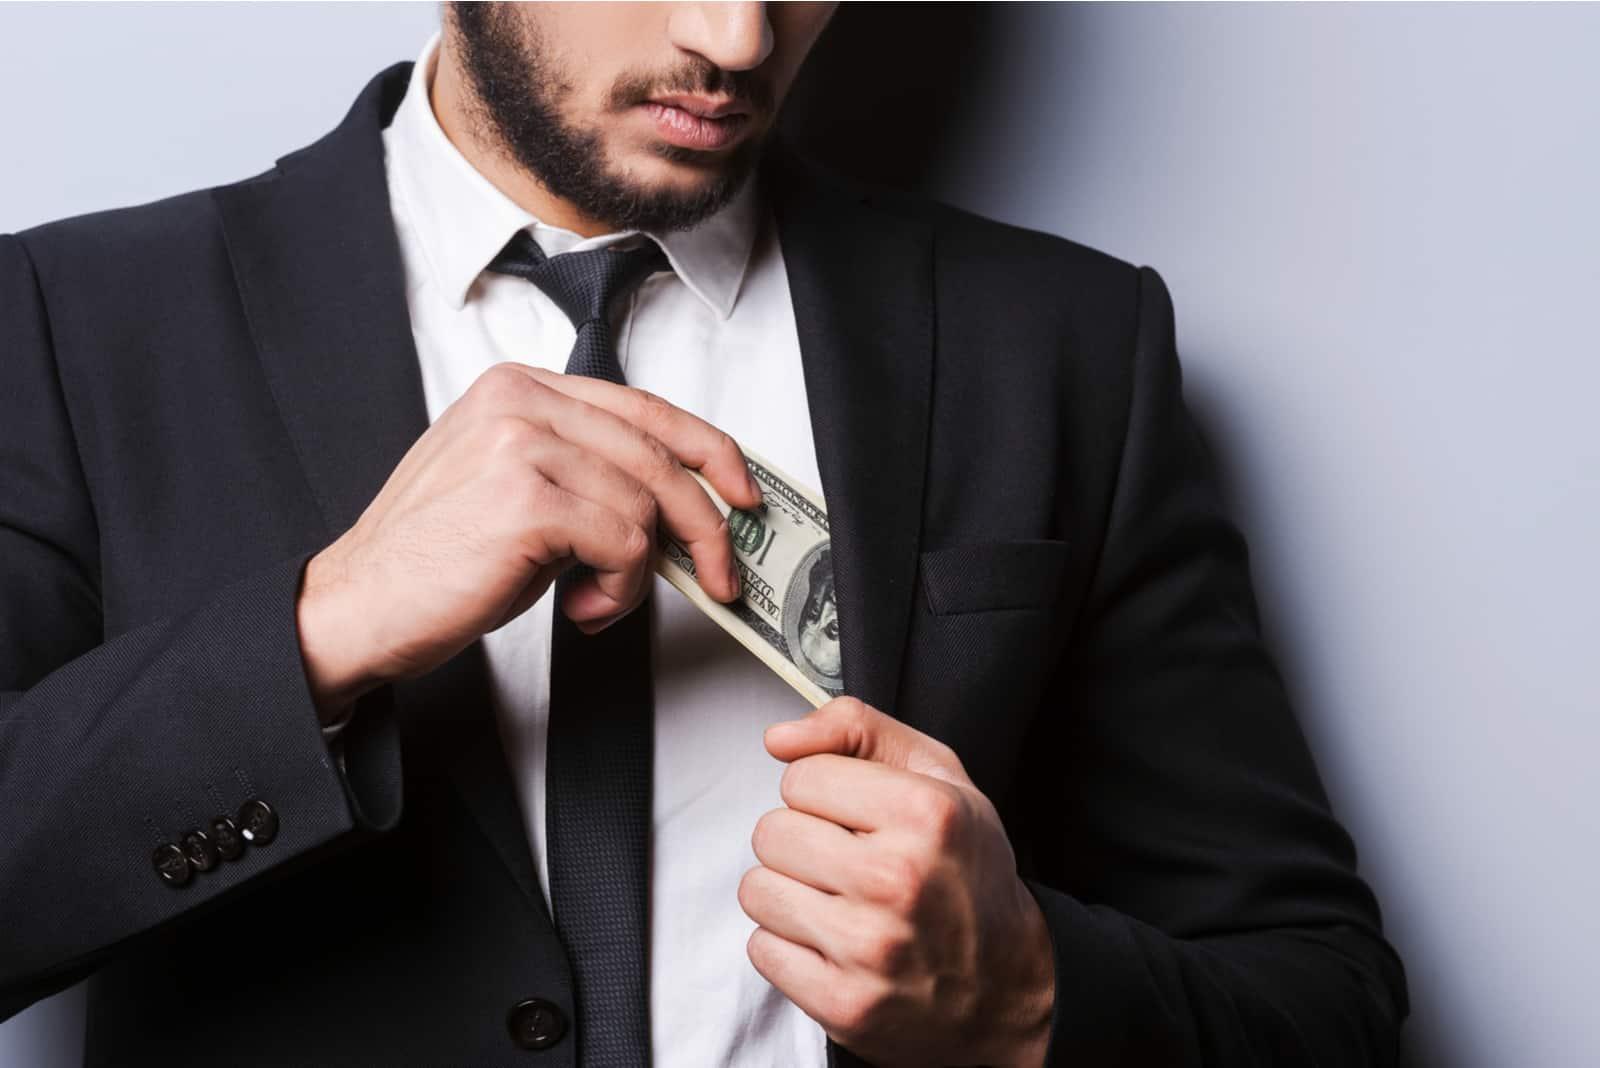 Ein gutaussehender bärtiger Mann steckt Geld in seine Jackentasche